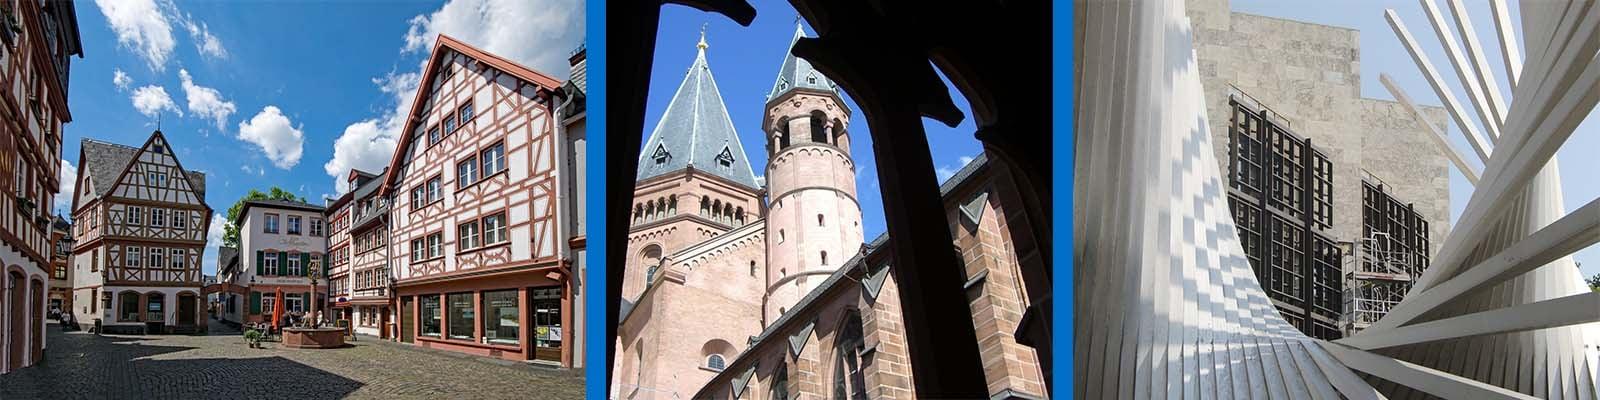 Mainz_comp klein